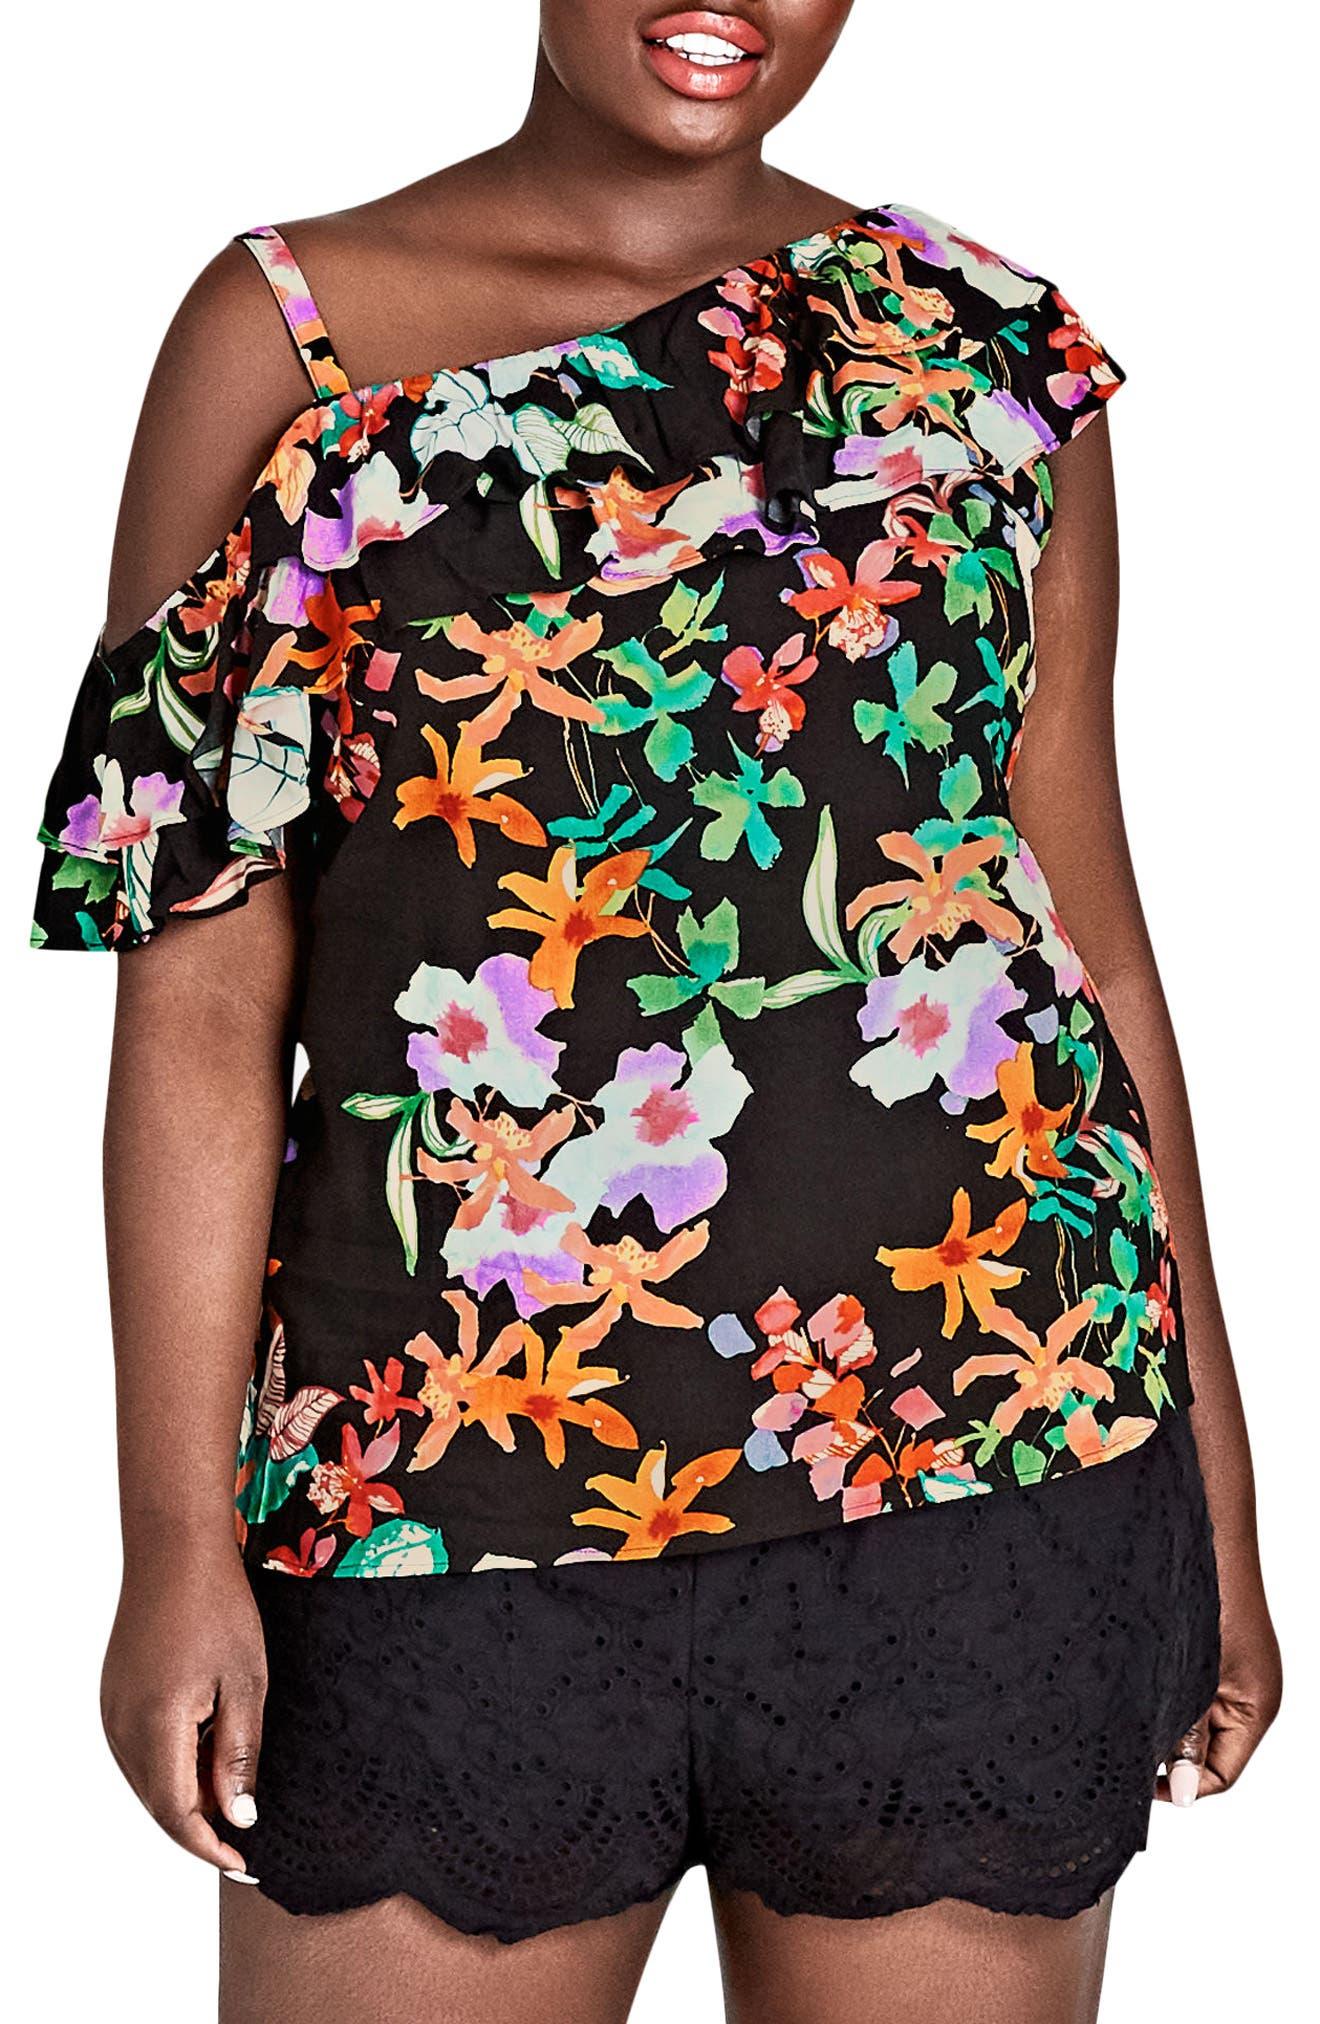 Molokai Floral Top,                             Main thumbnail 1, color,                             MOLOKAI FLORAL